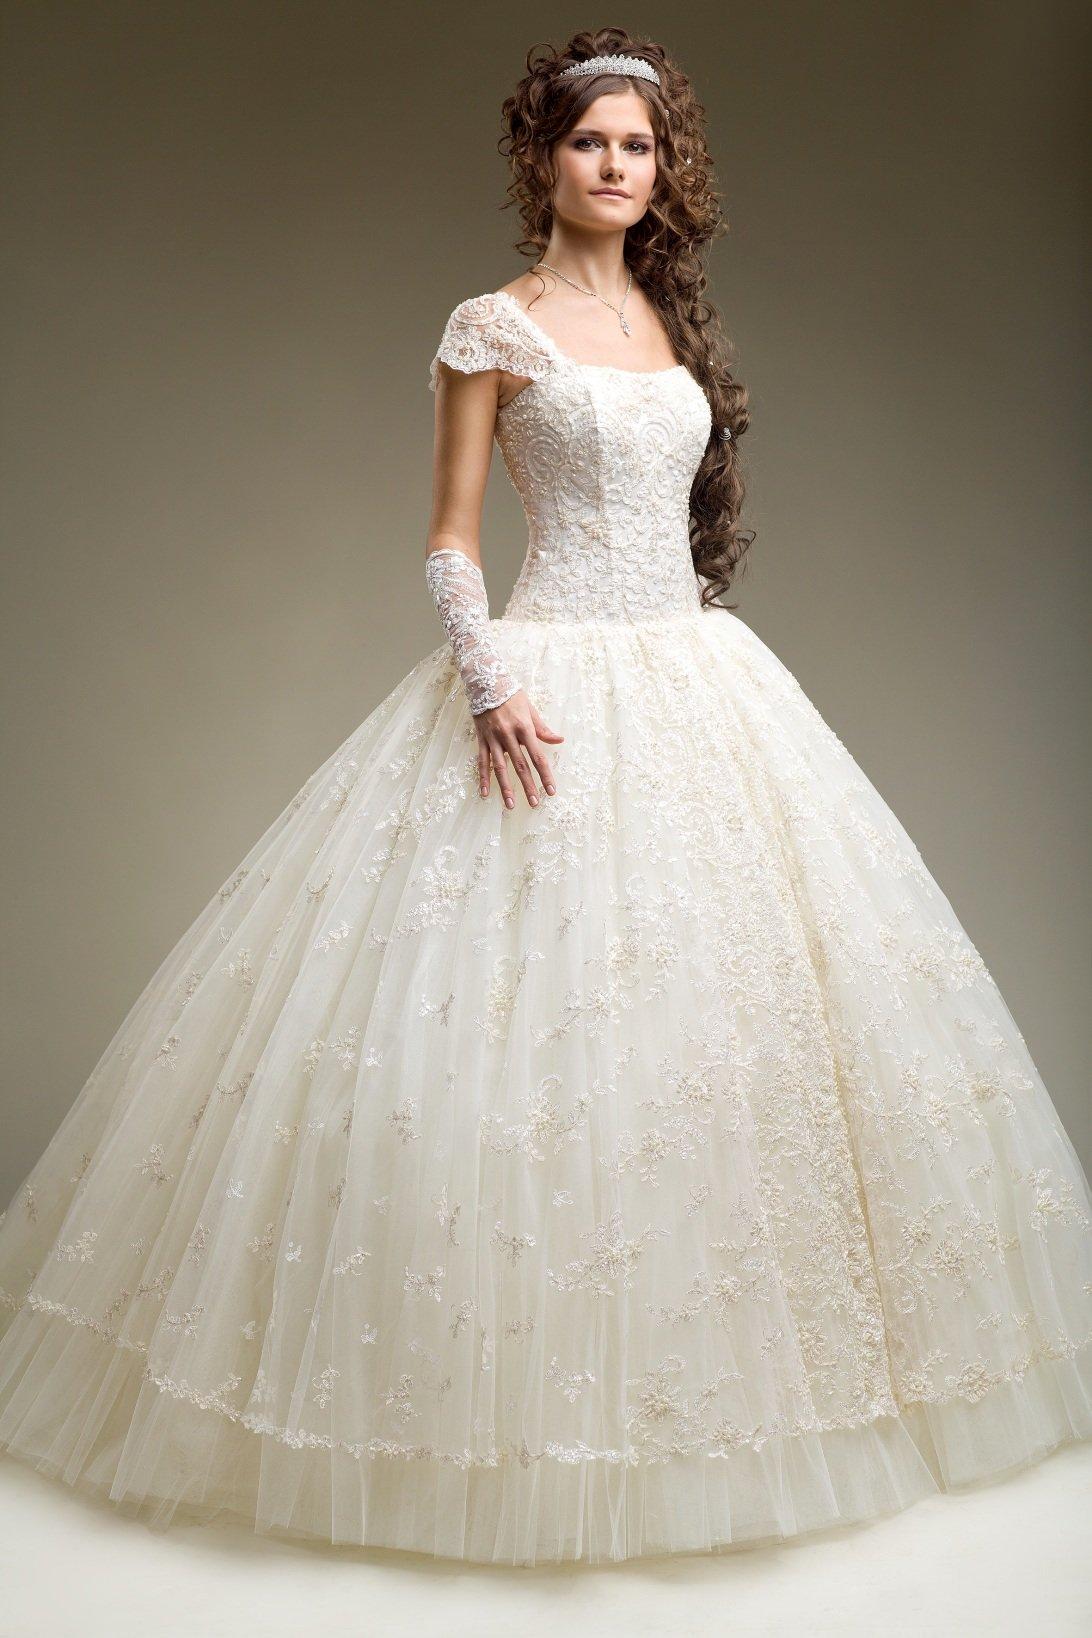 пышное платье свадебное с кружевом фото